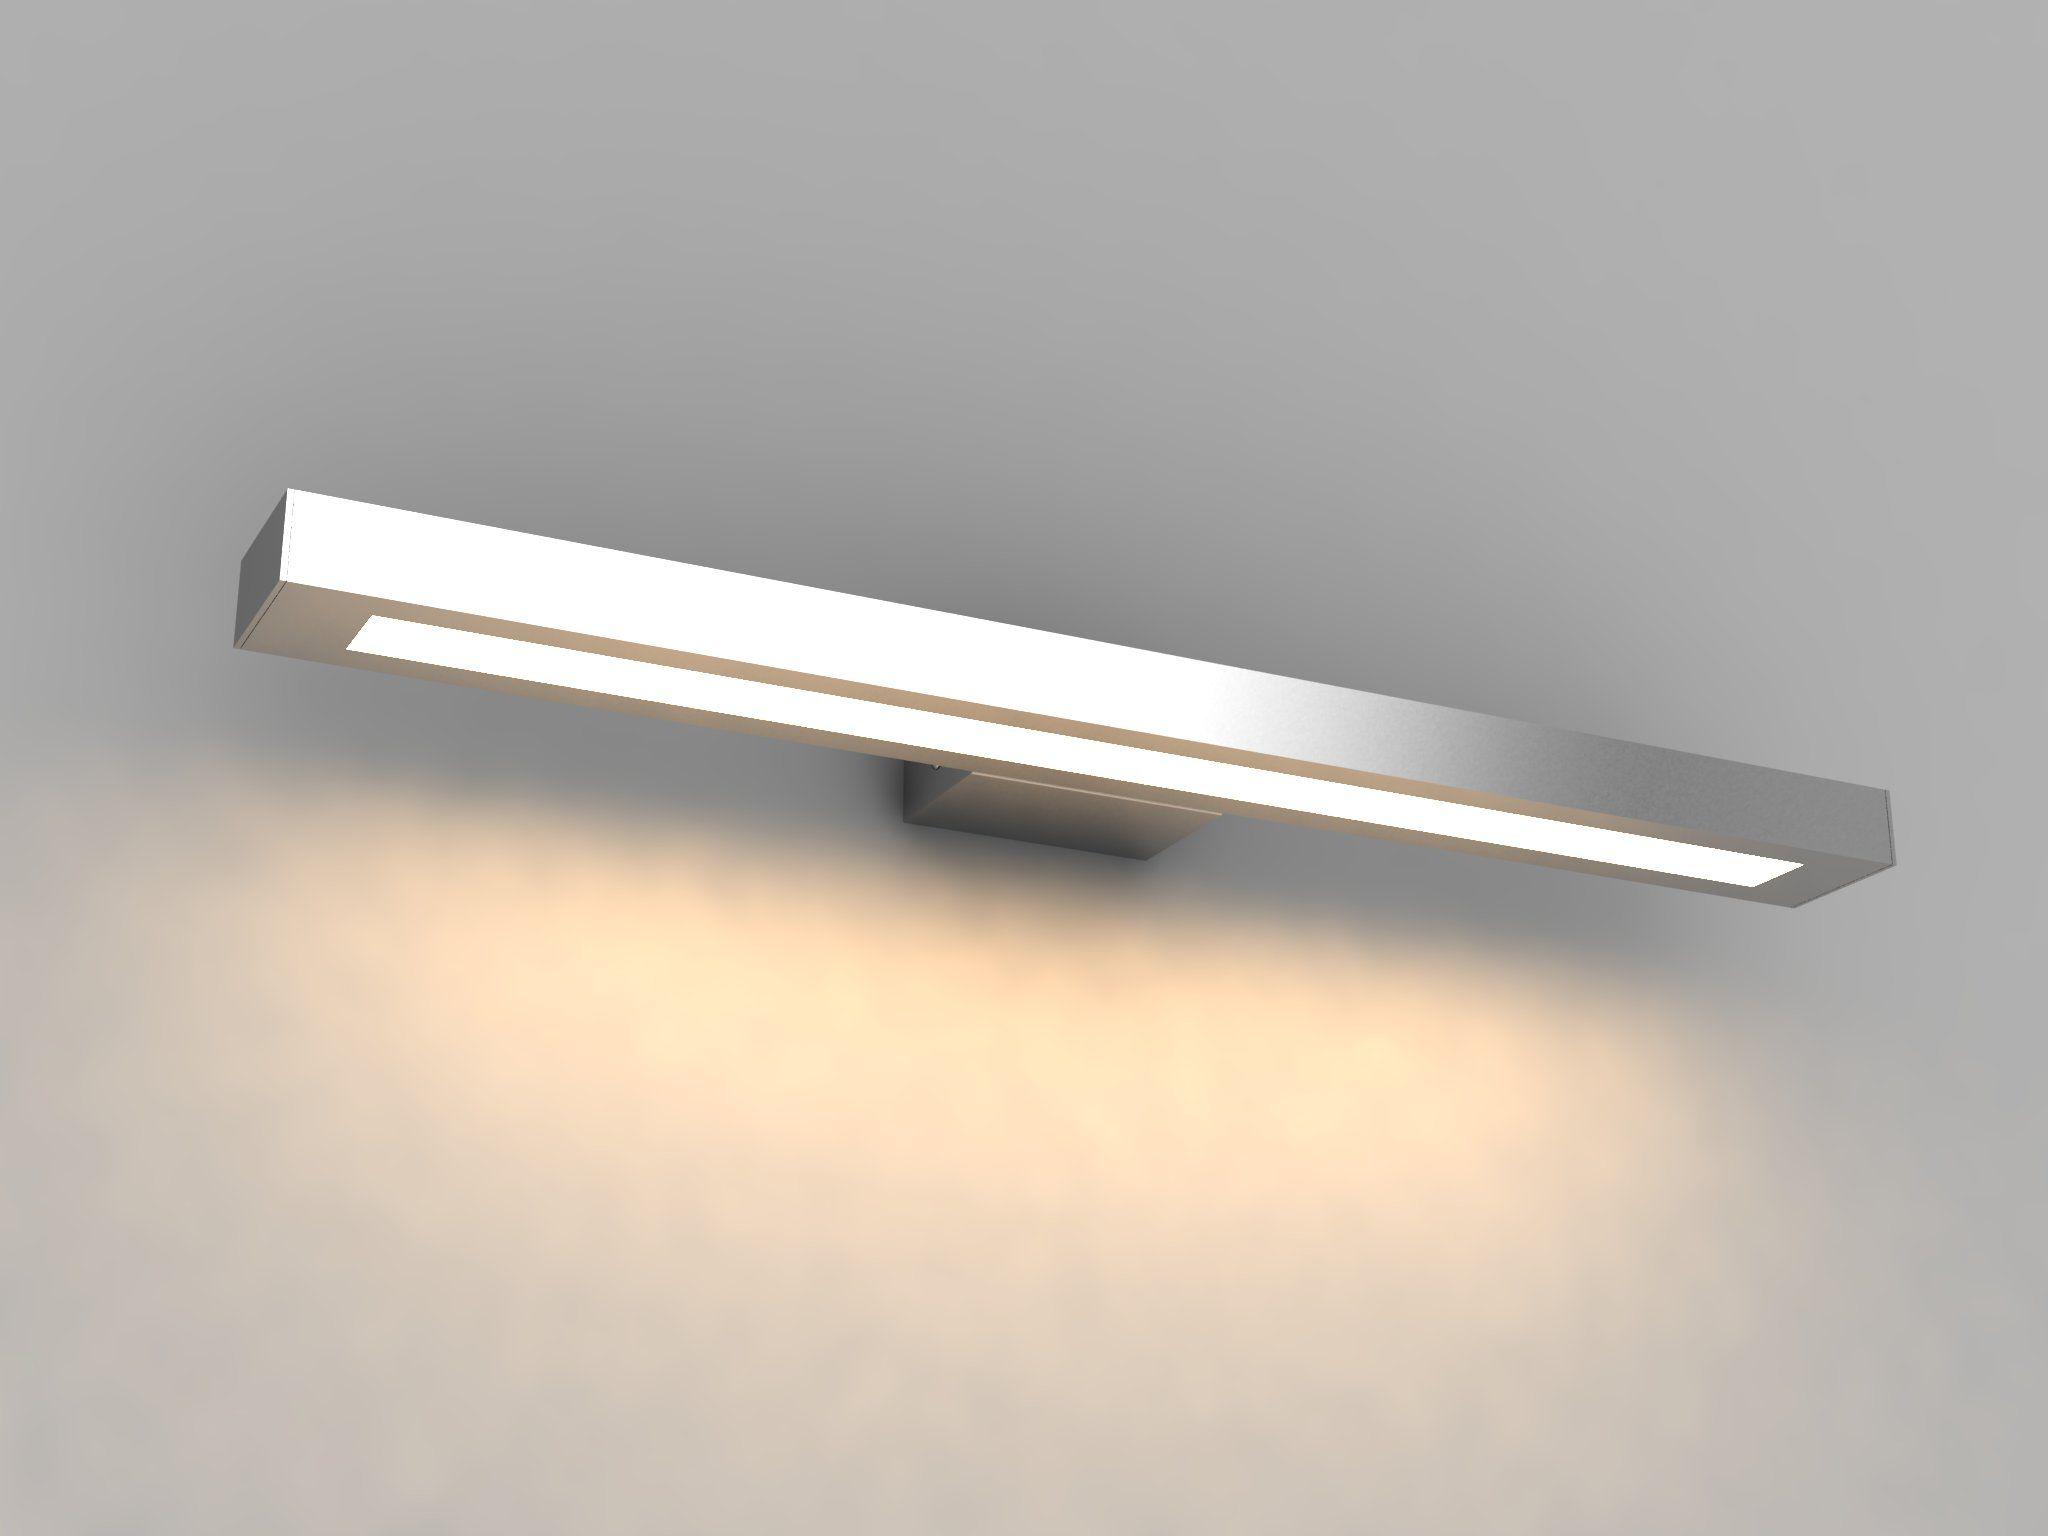 Plafoniera Con Tubo Led : Una plafoniera con dentro un tubo led a luce calda tubi